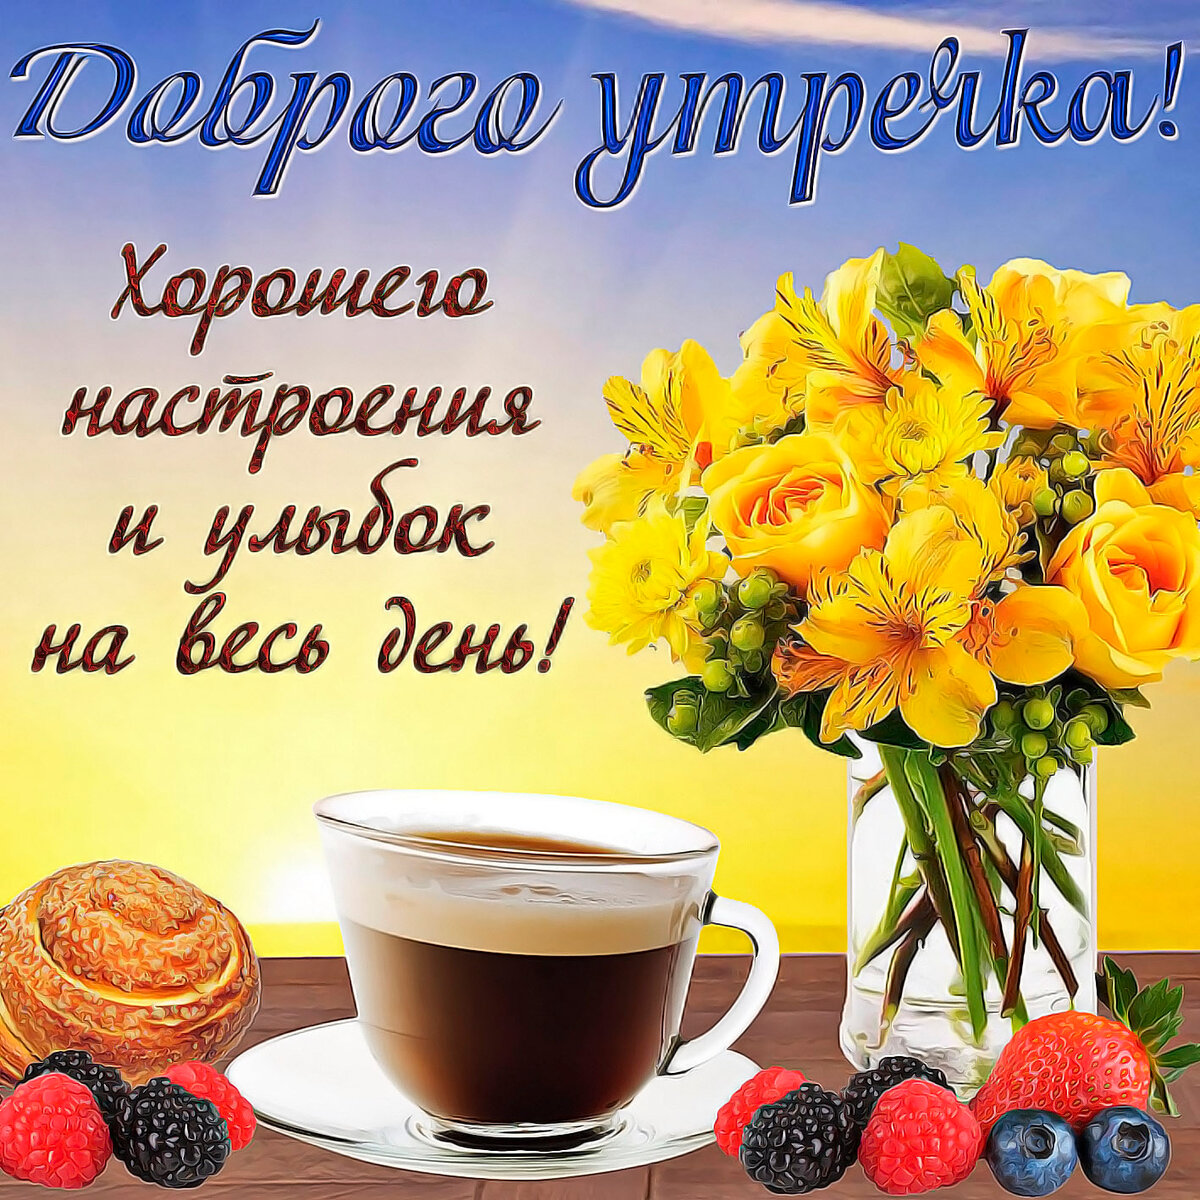 Картинки доброго утра удачного дня